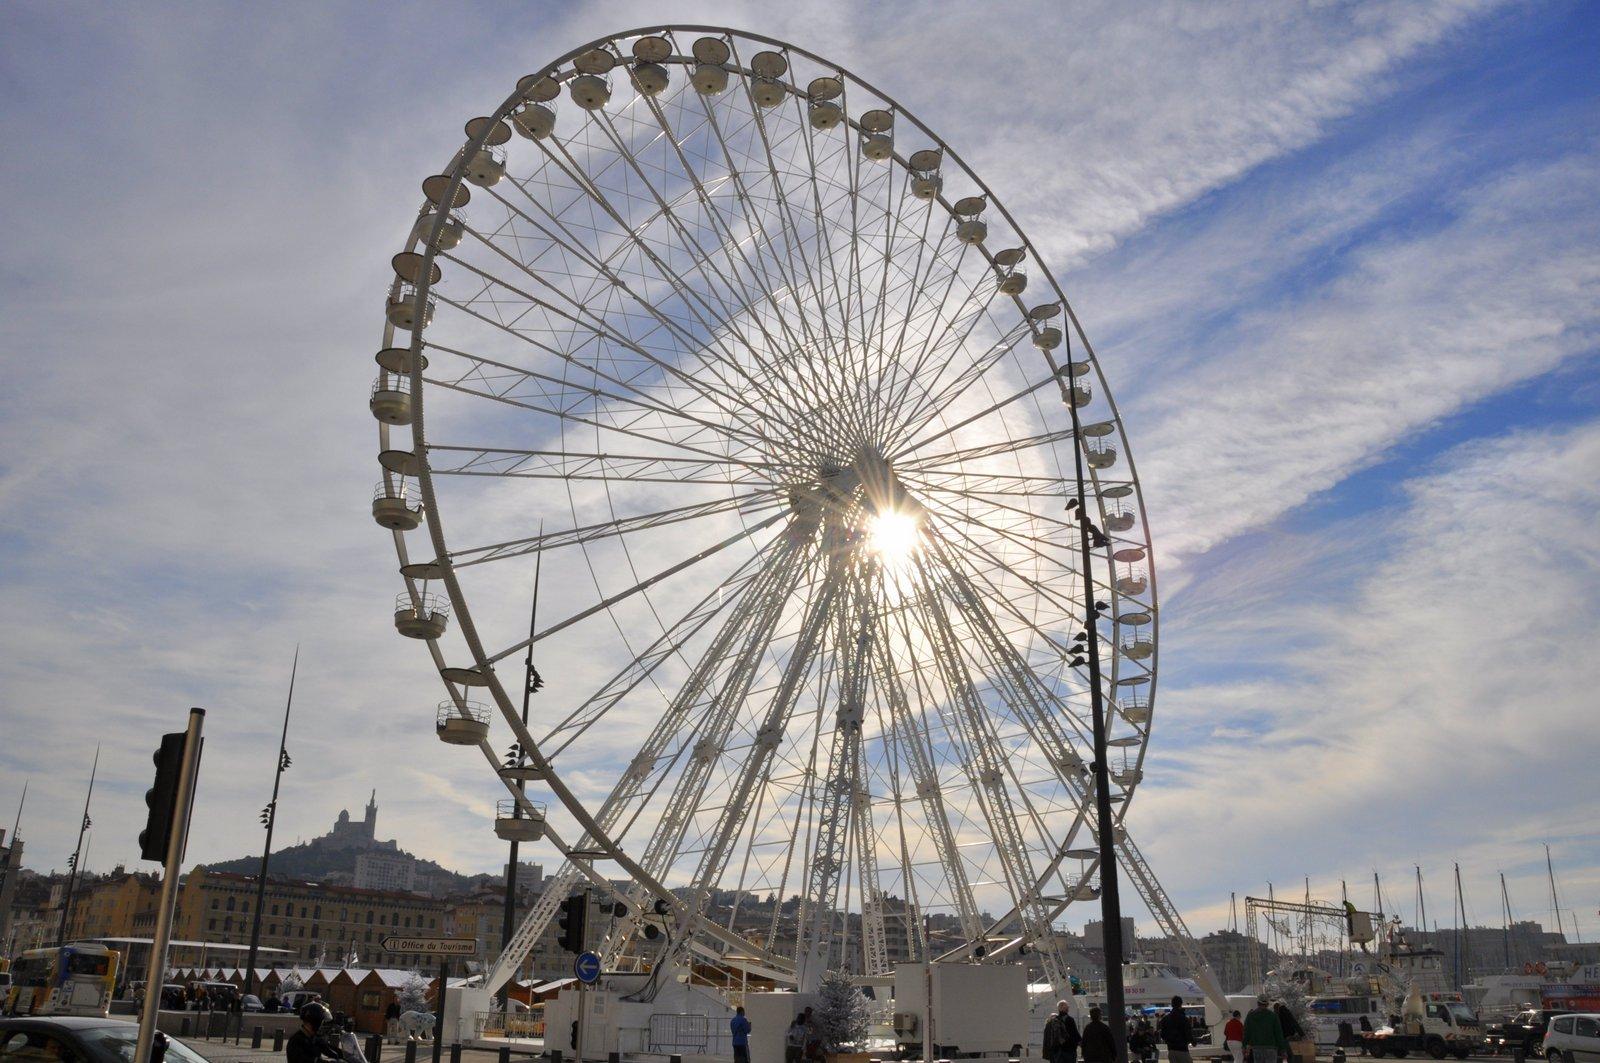 La grande roue sur le Vieux-Port de Marseille